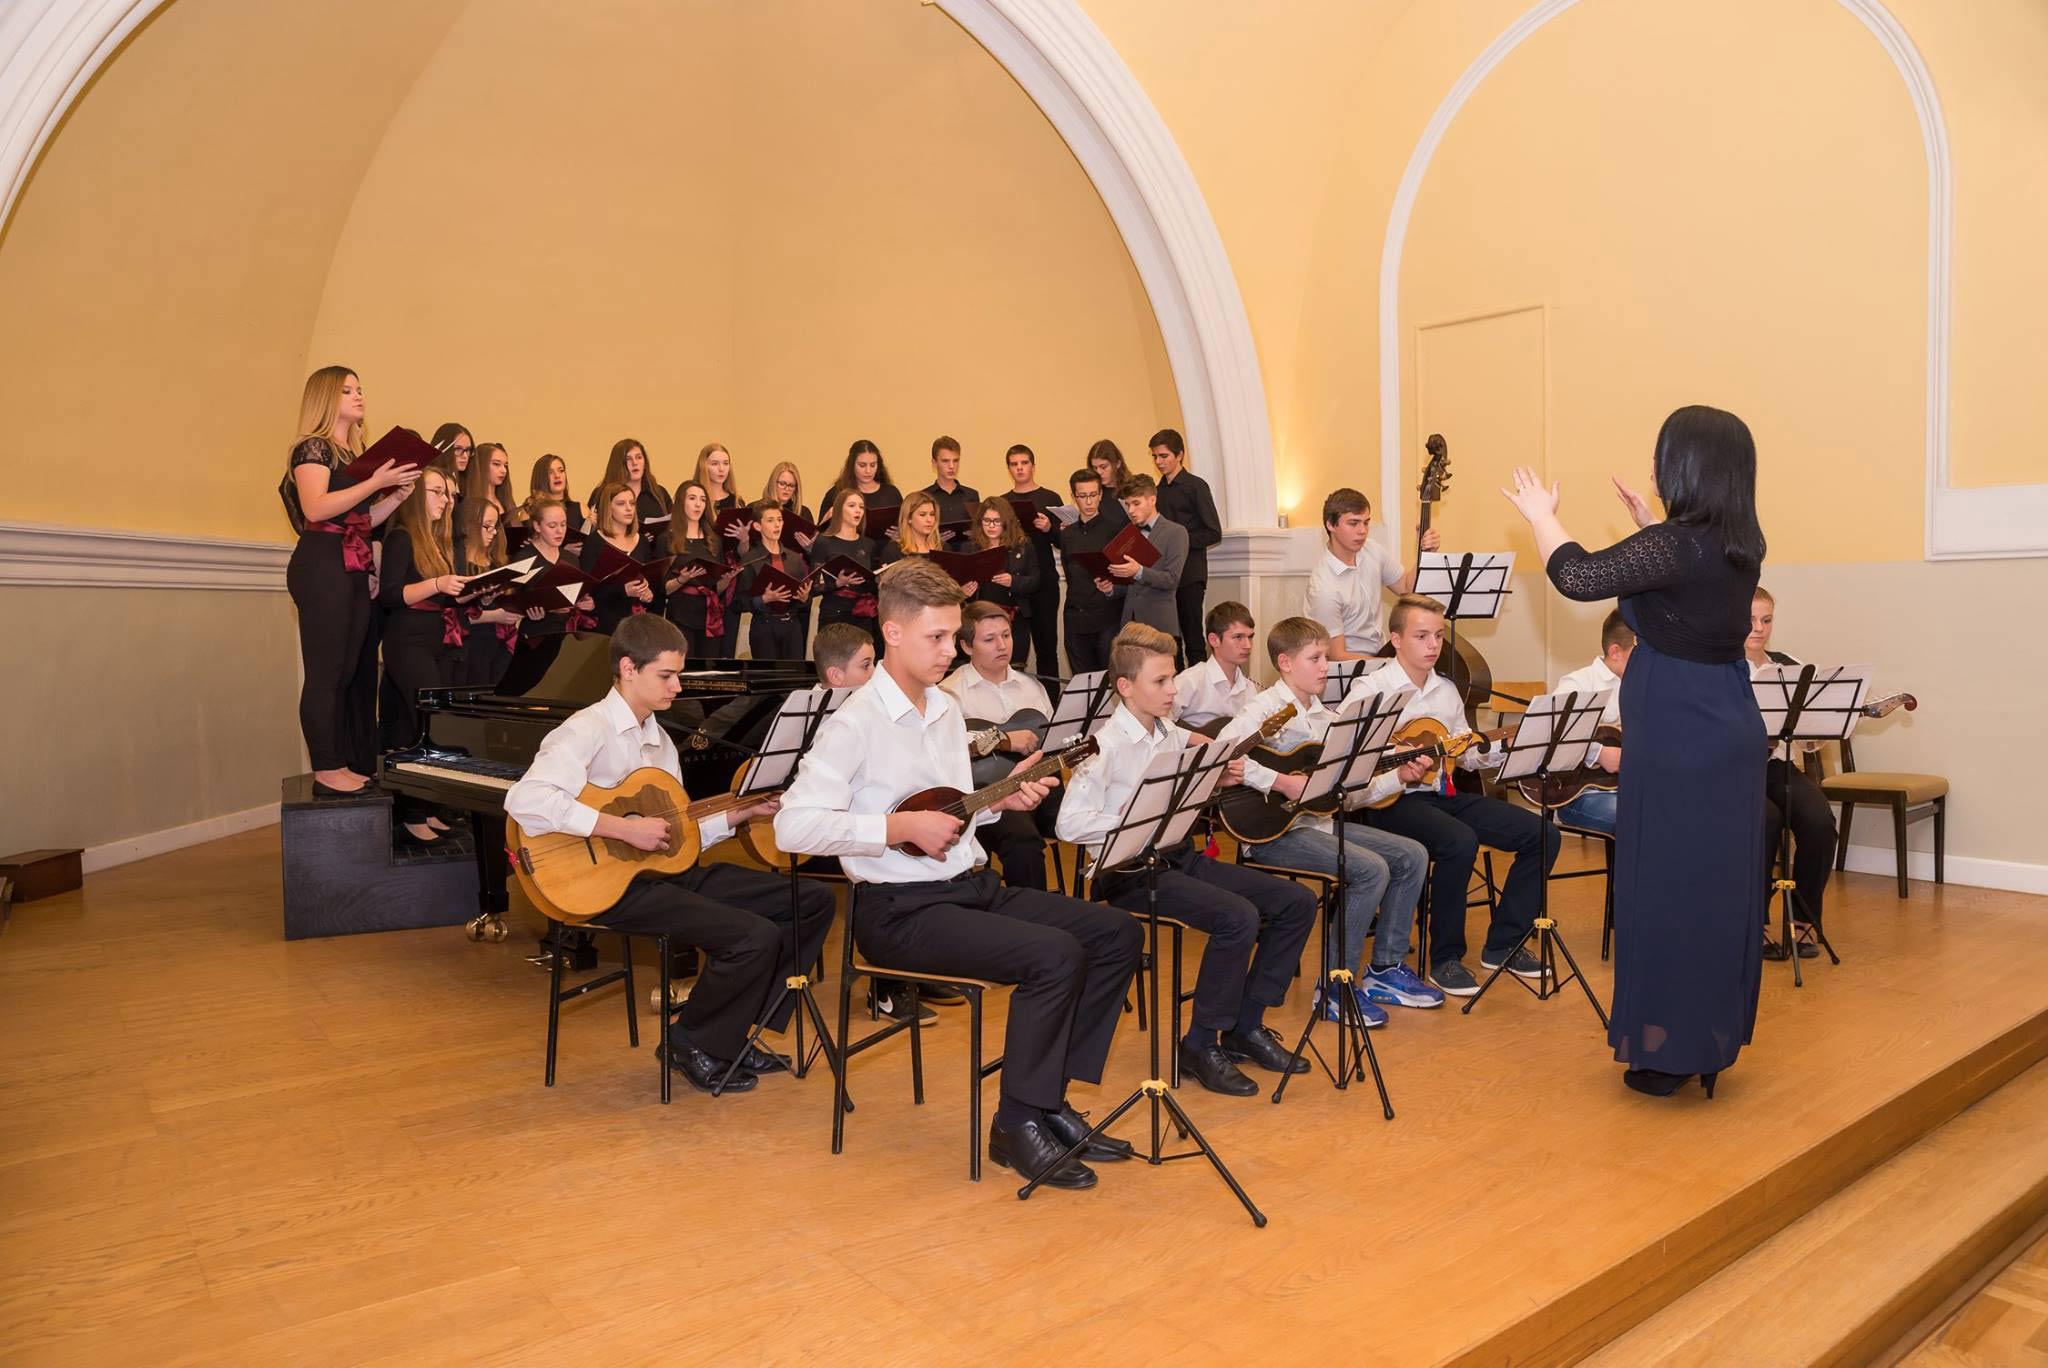 Glazbena škola Frana Lhotke - koncert u koncertnoj dvorani u Sisaku, zbor i orkestar